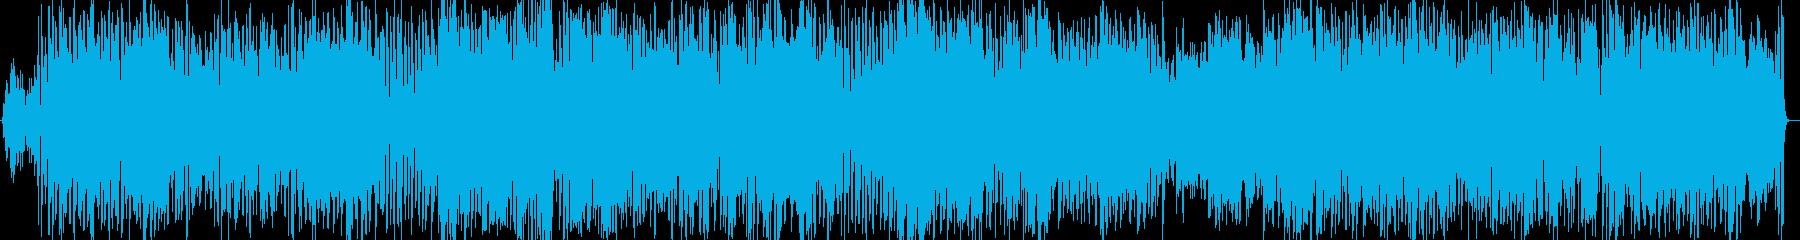 サビが頭に残る、ほのぼのアコースティックの再生済みの波形